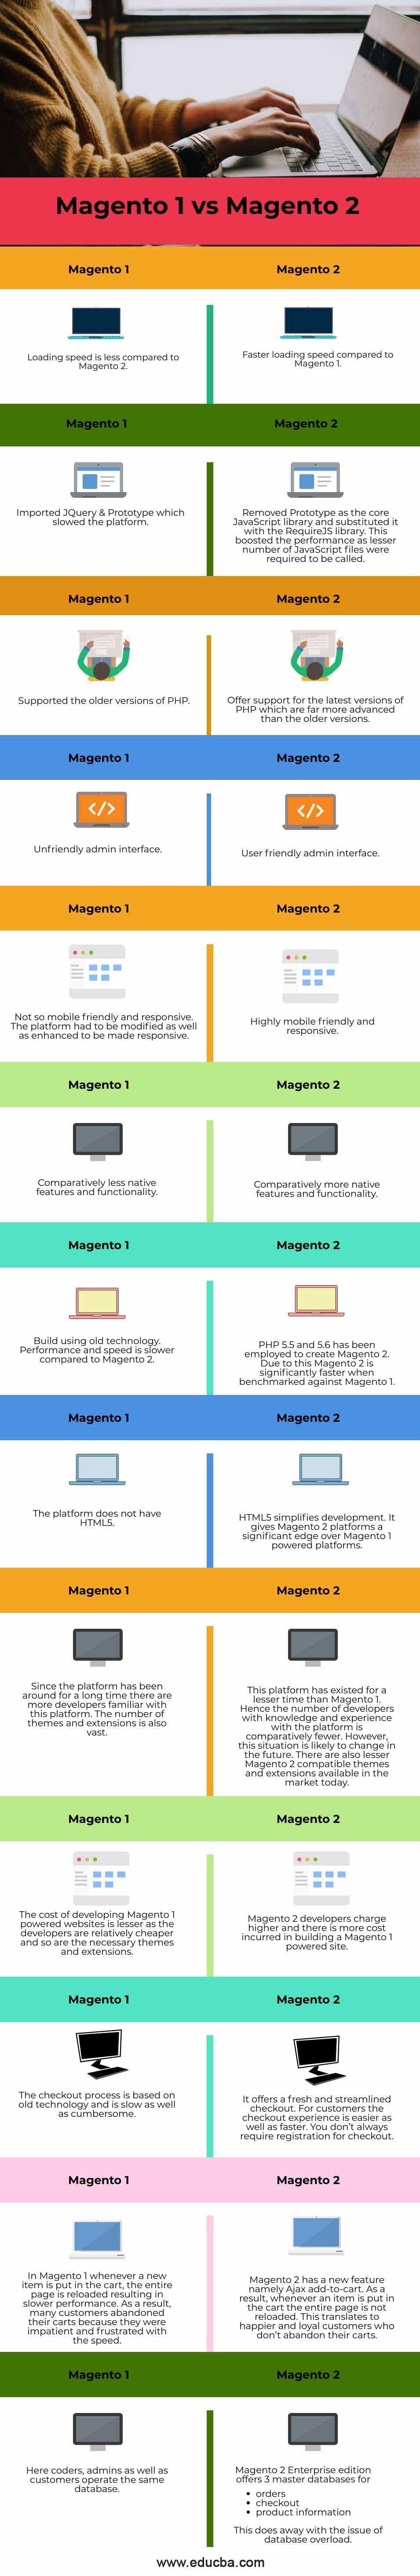 Magento-1-vs-Magento-2-info